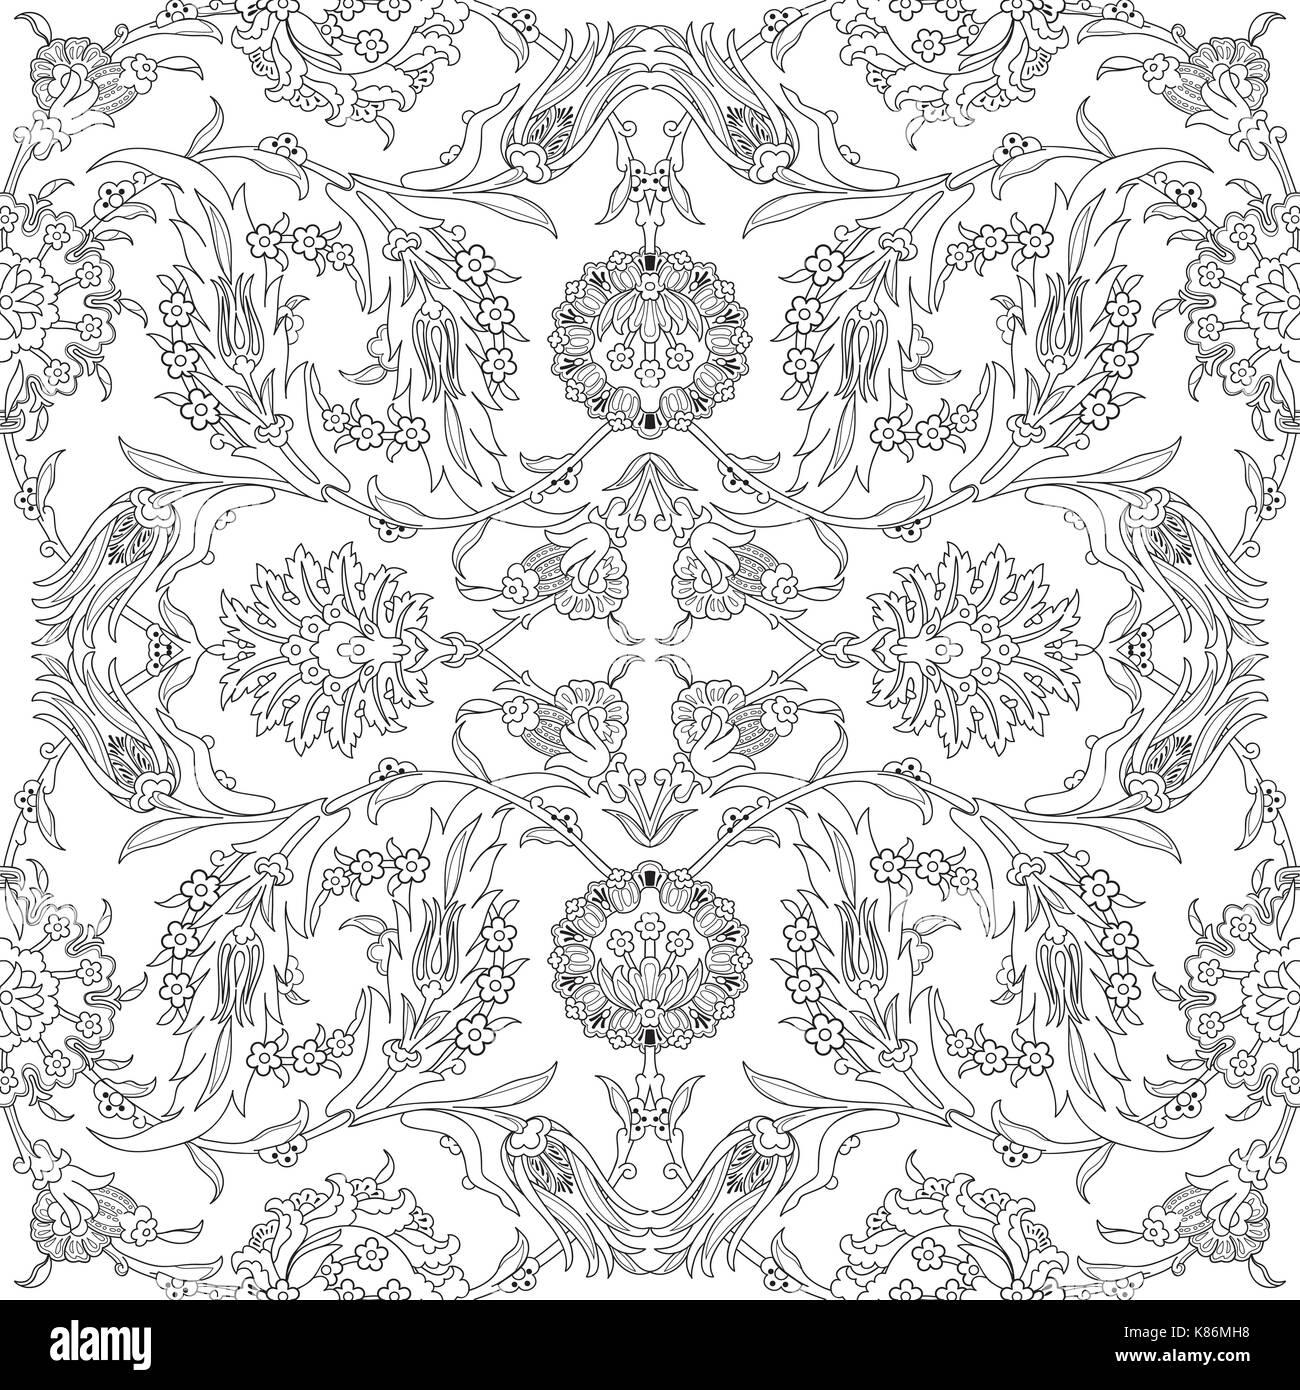 Arabesque Decoration Vintage Pour Des Motifs Floraux Vecteur Modele De Conception Motif Oriental Decoration Fleurs Contour Doodle Imprimer Illustra Ornementales Image Vectorielle Stock Alamy